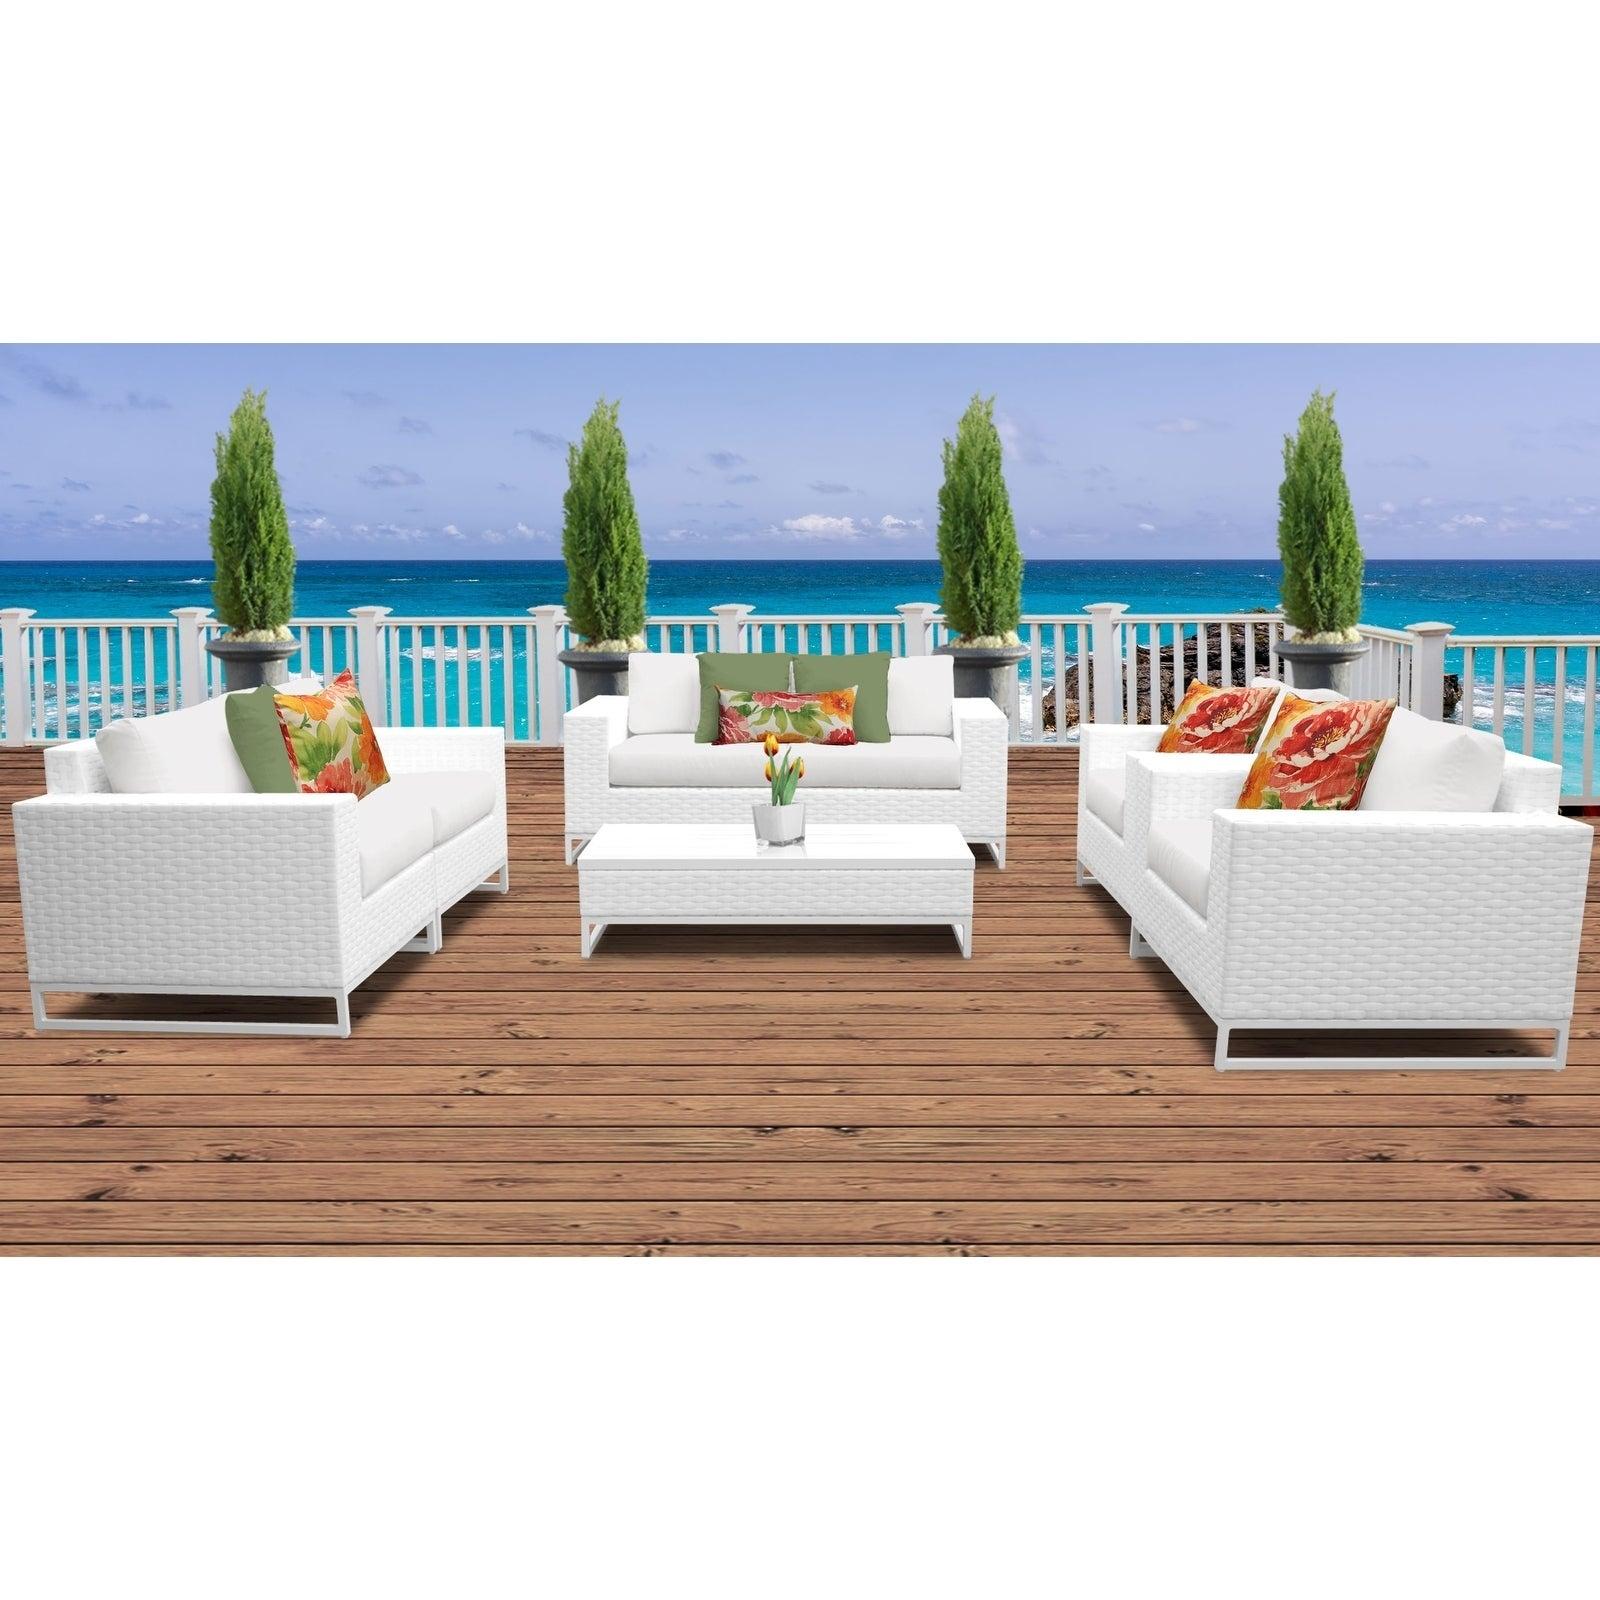 Outdoor Wicker Patio Furniture Set 07c